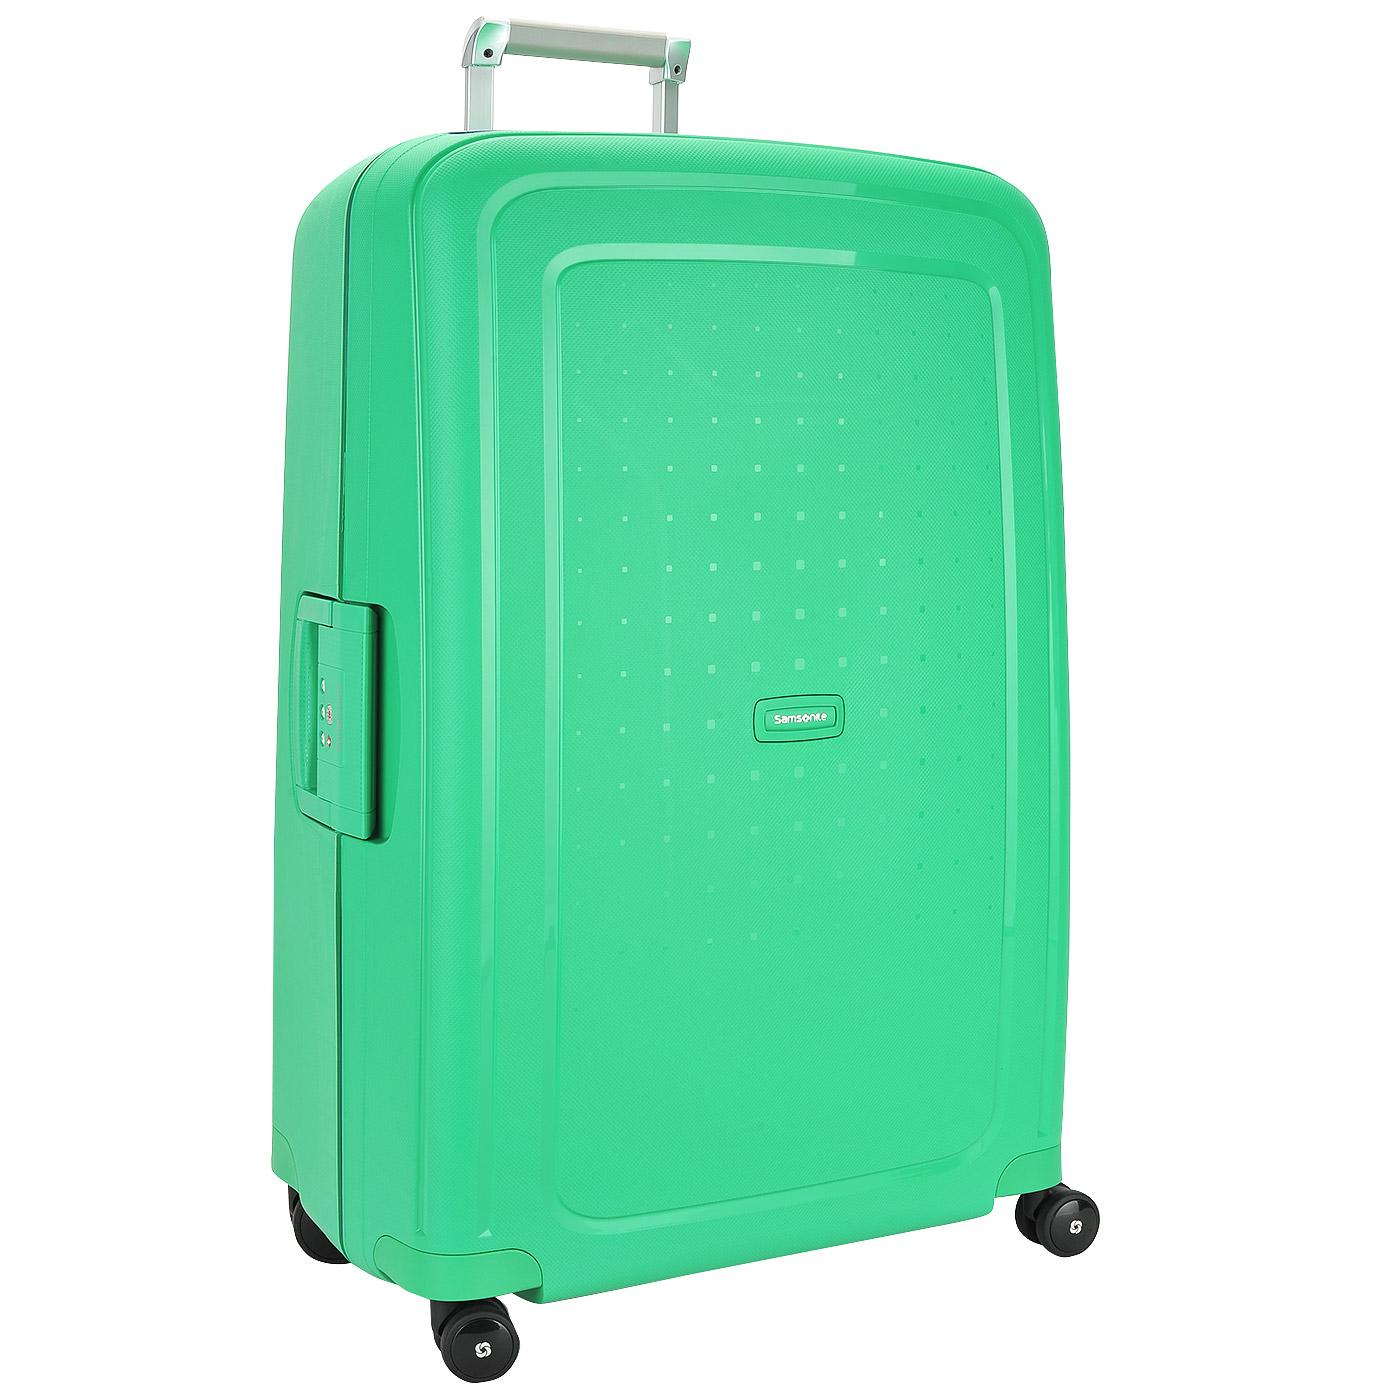 Купить чемодан в интернет магазине распродажа